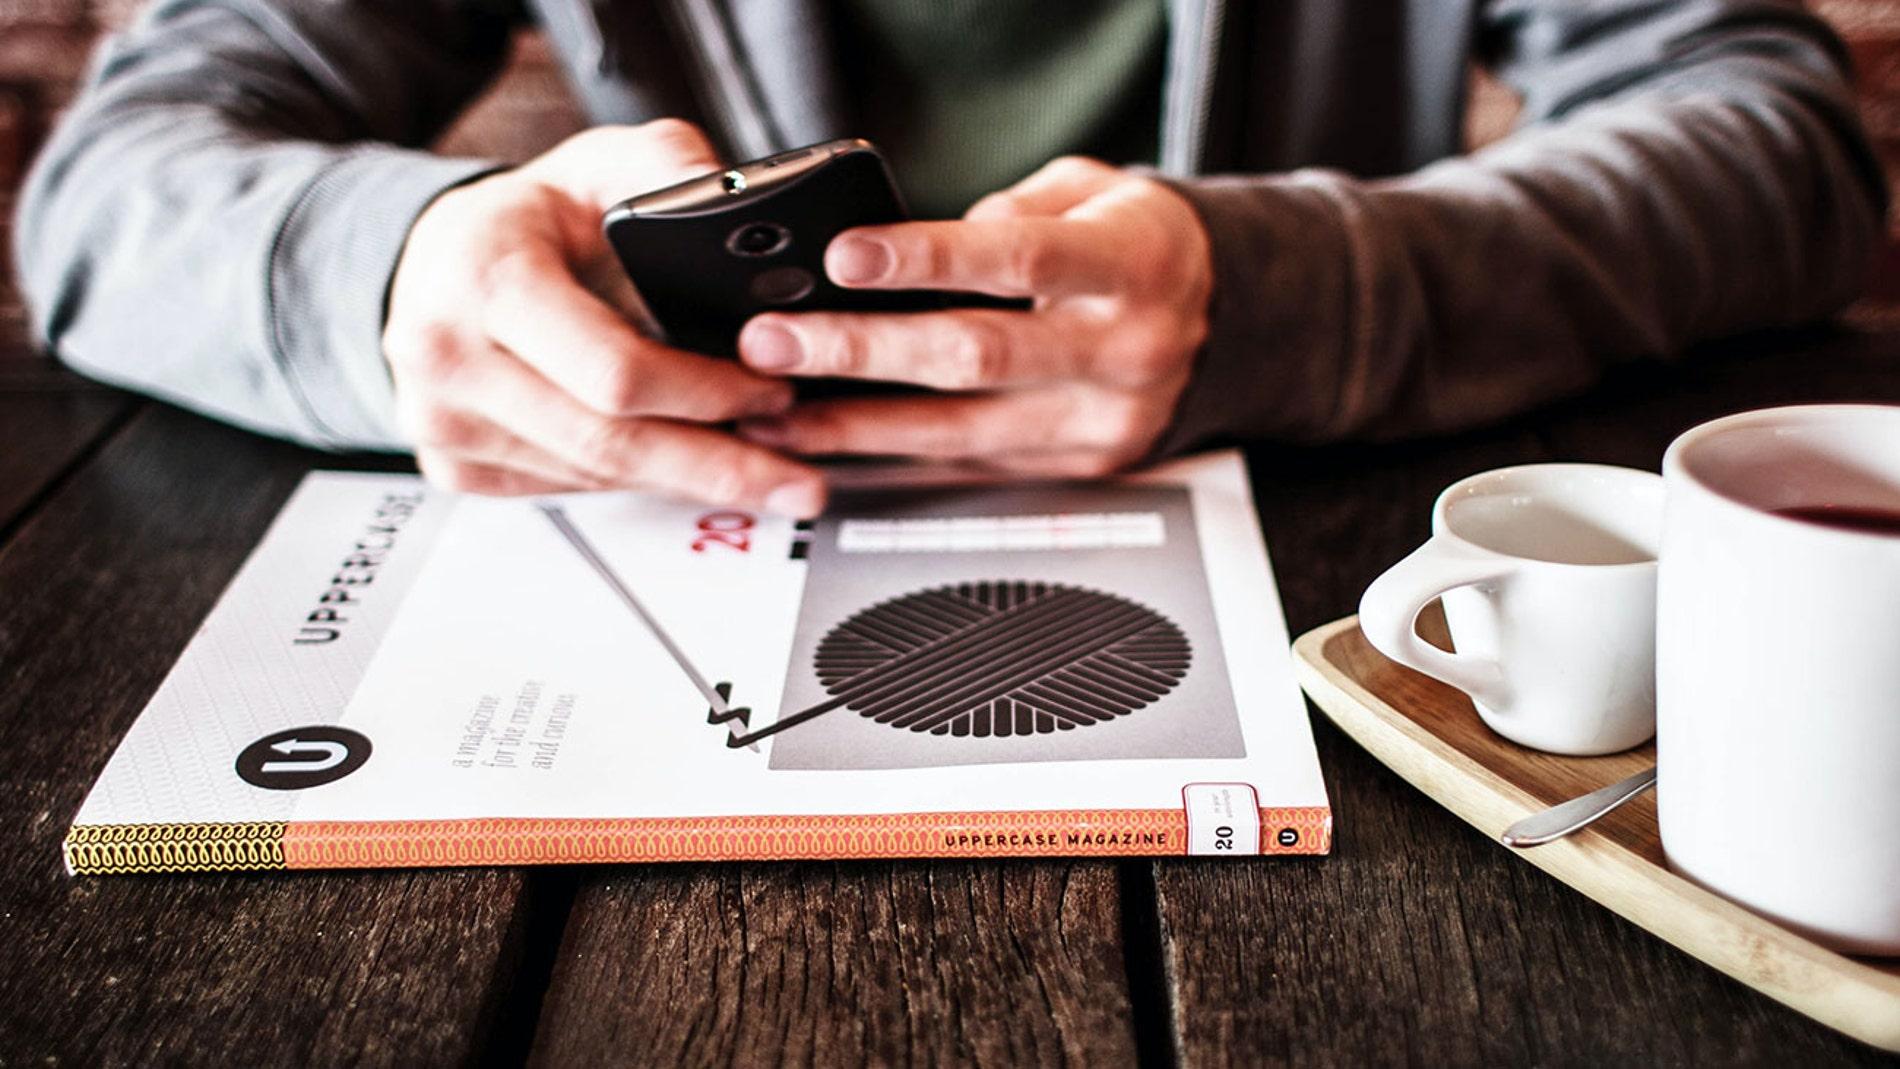 Utilizando un smartphone